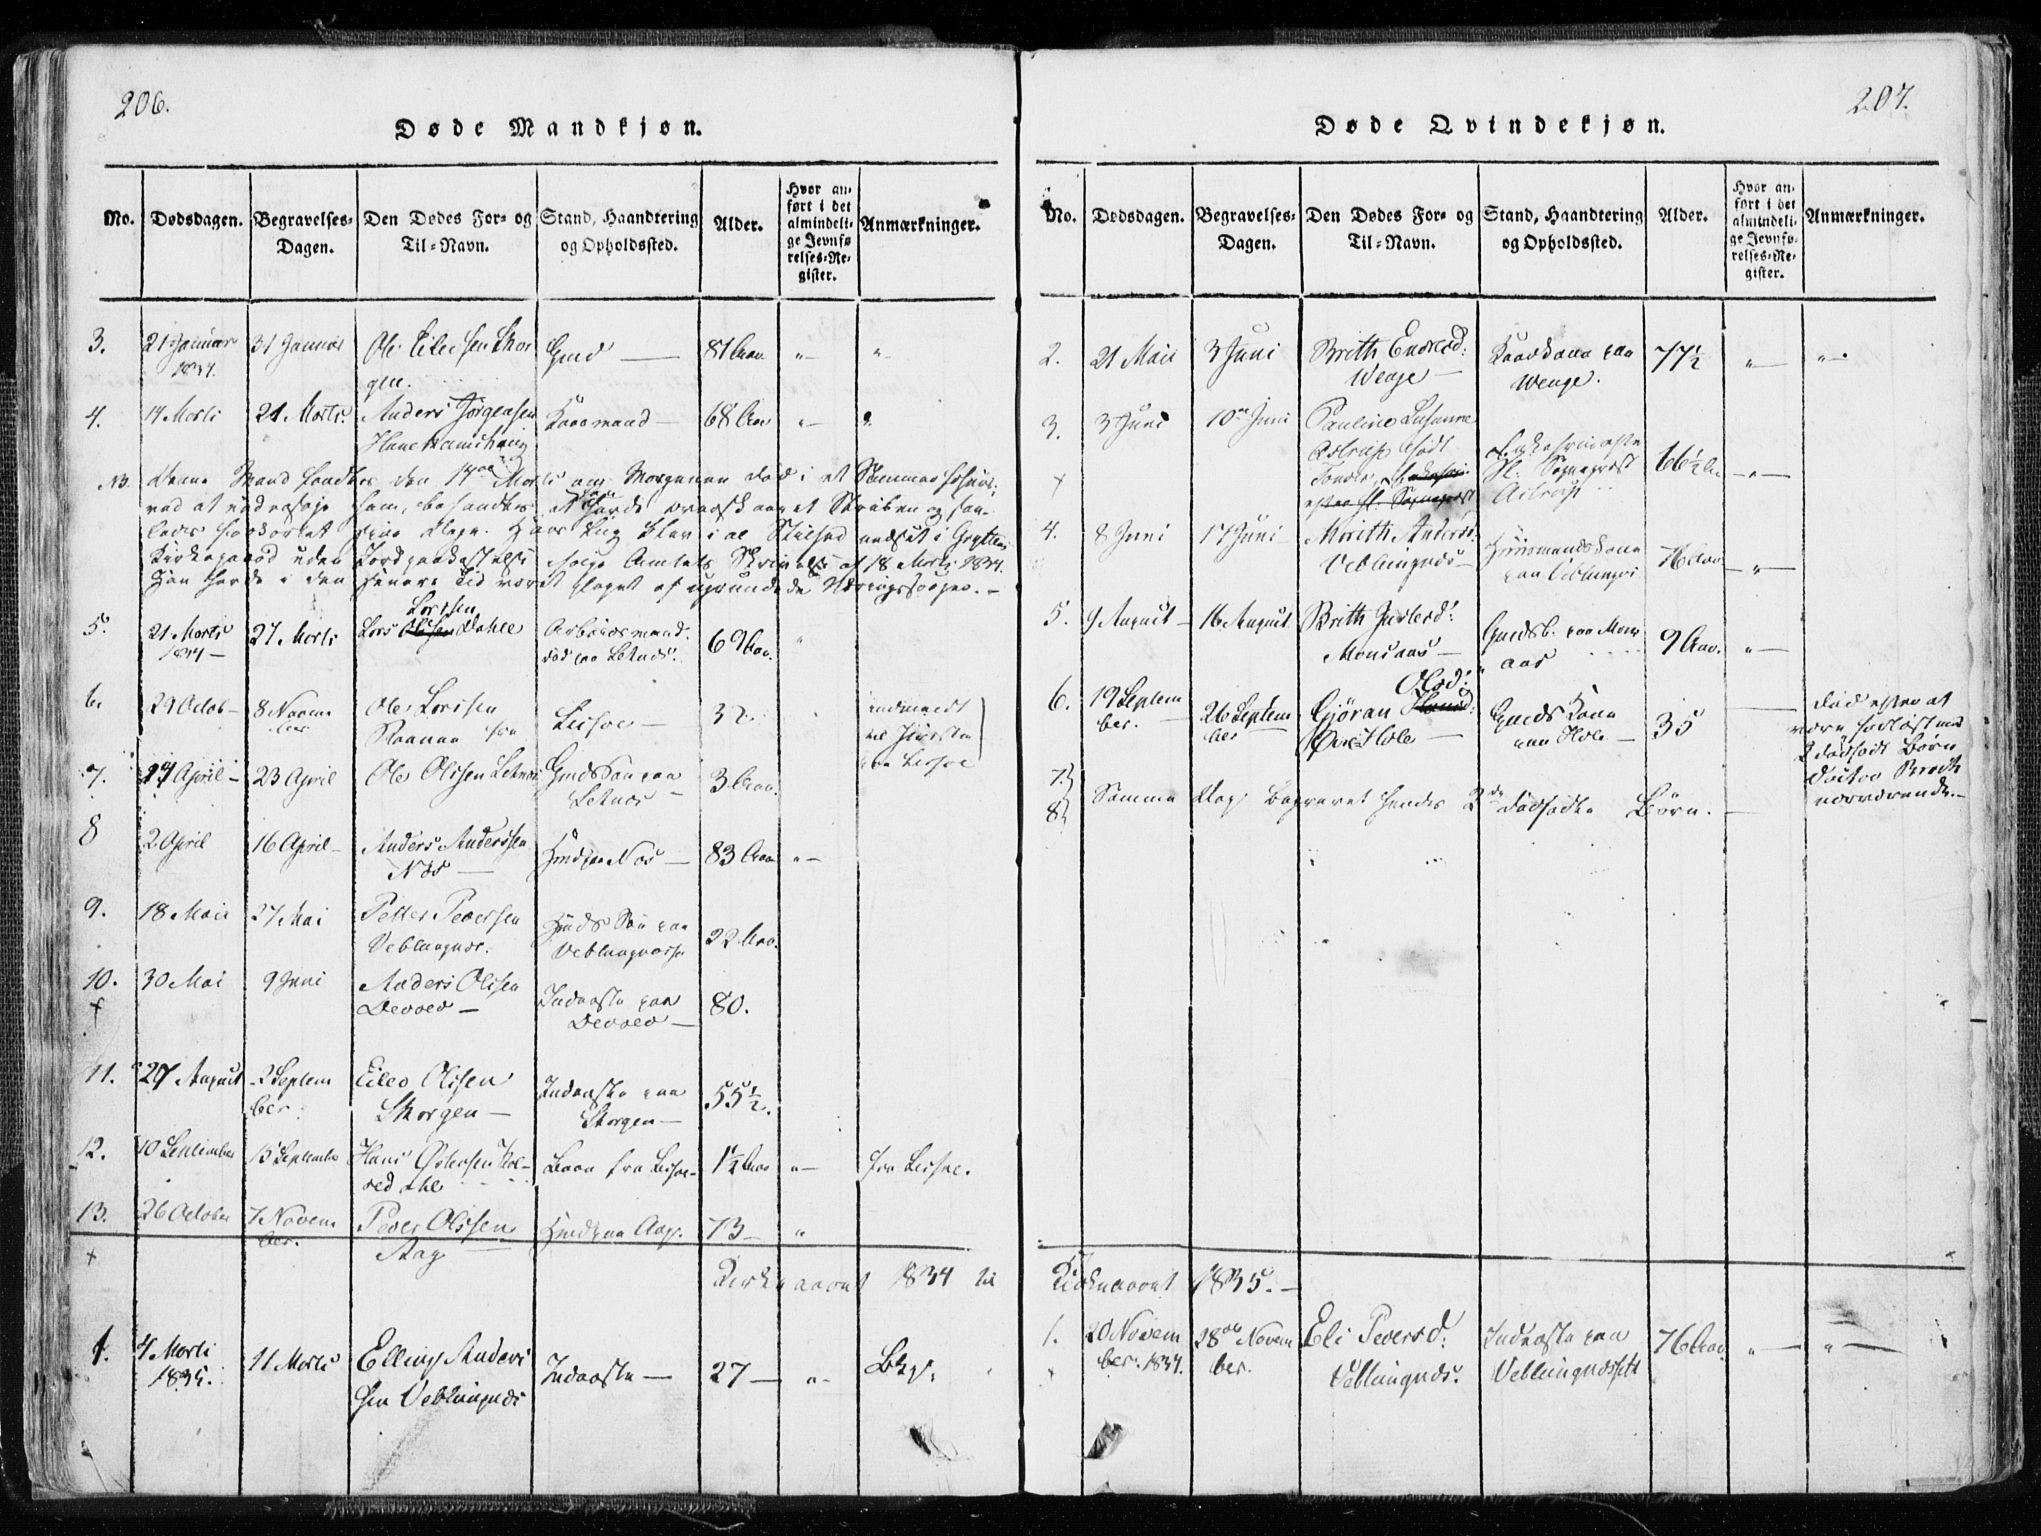 SAT, Ministerialprotokoller, klokkerbøker og fødselsregistre - Møre og Romsdal, 544/L0571: Ministerialbok nr. 544A04, 1818-1853, s. 206-207